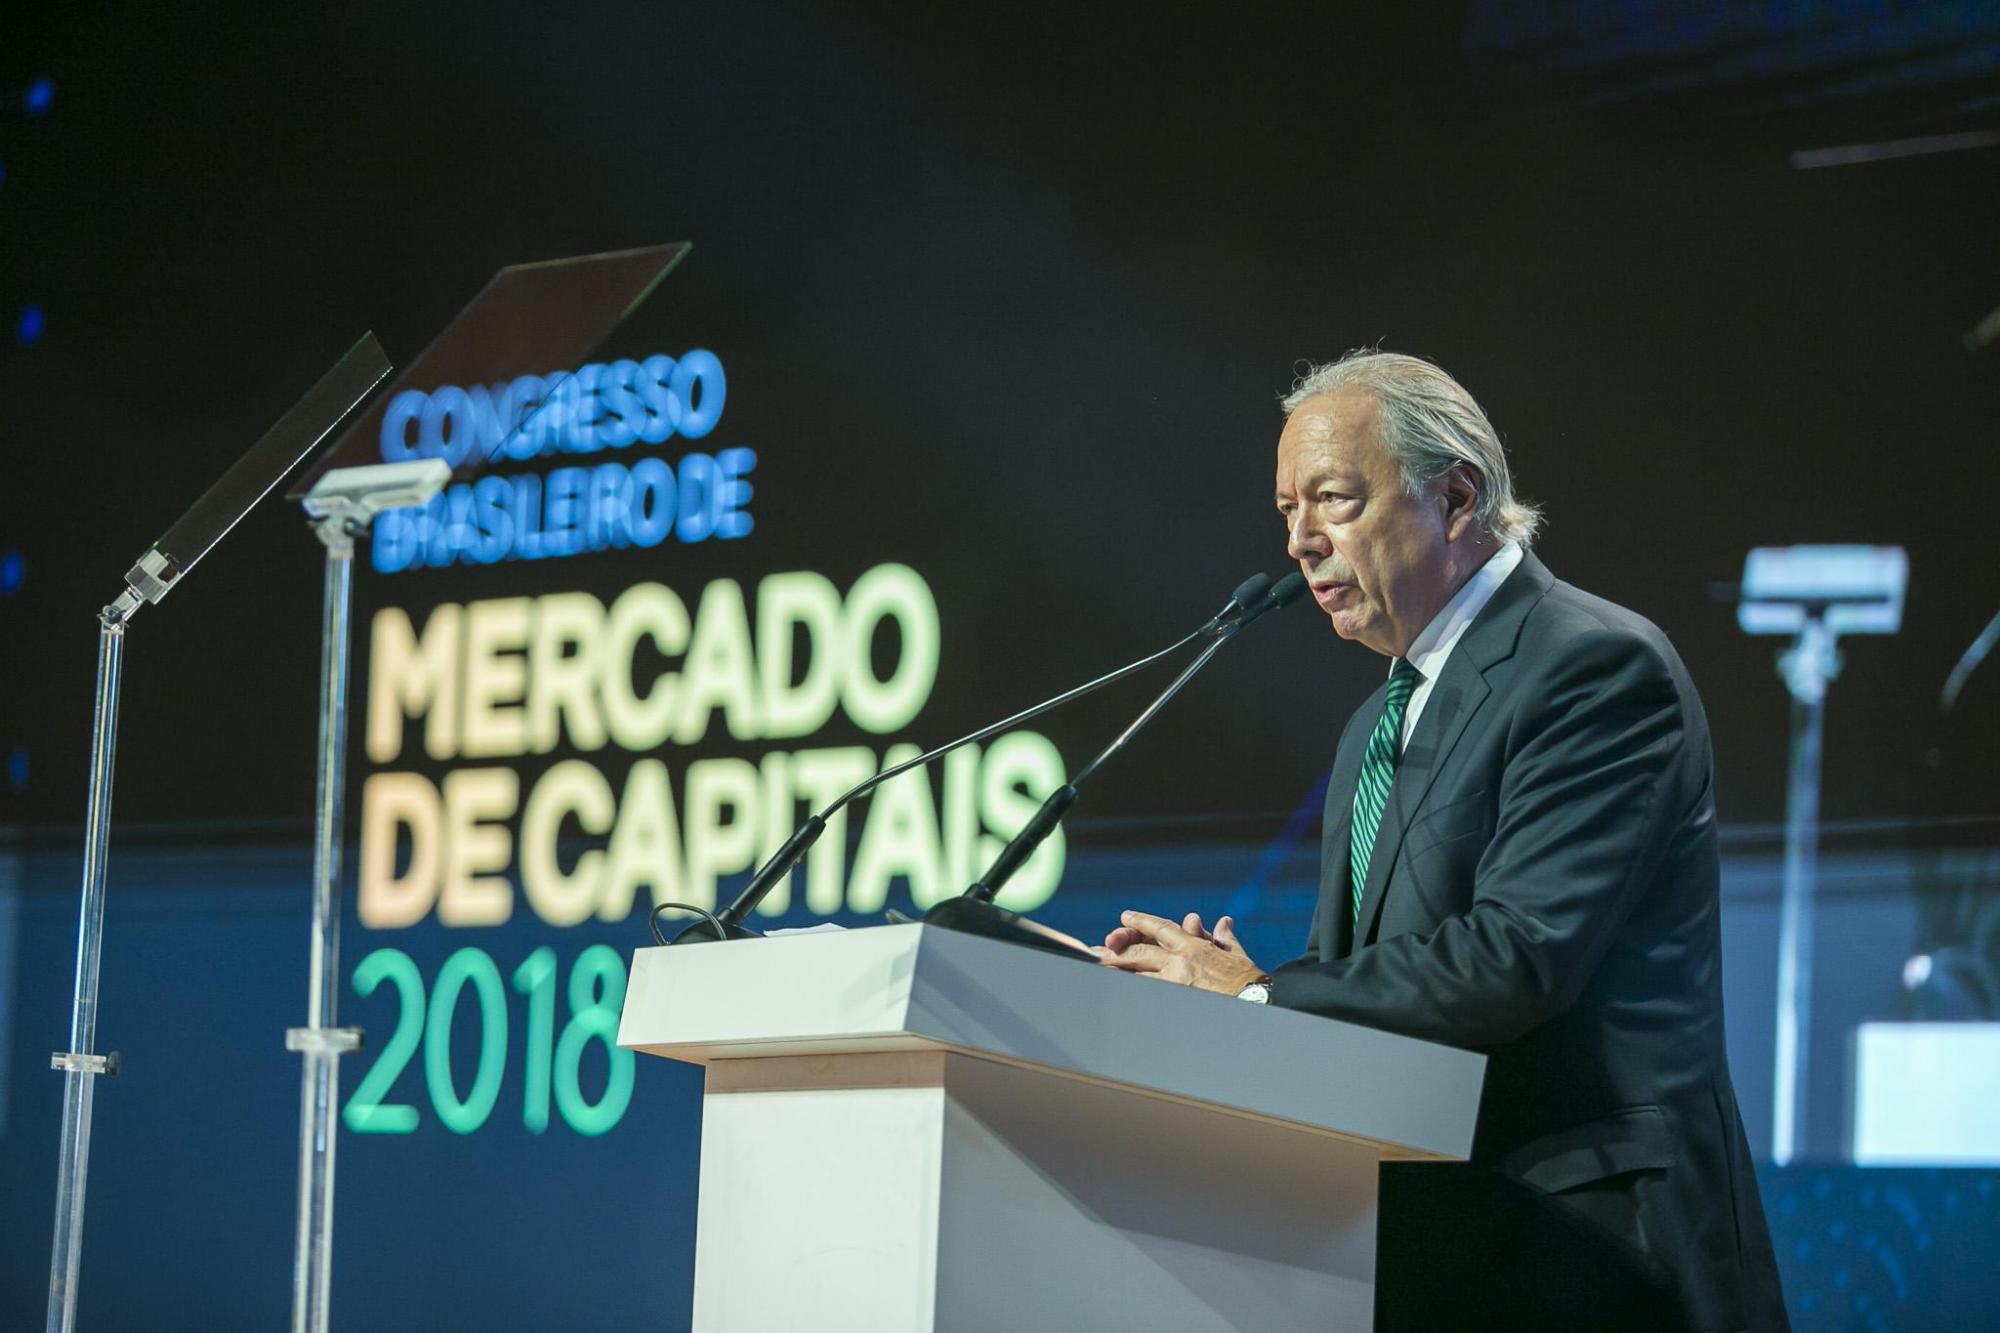 Pedro Malan critica debate sobre estado mínimo e estado máximo